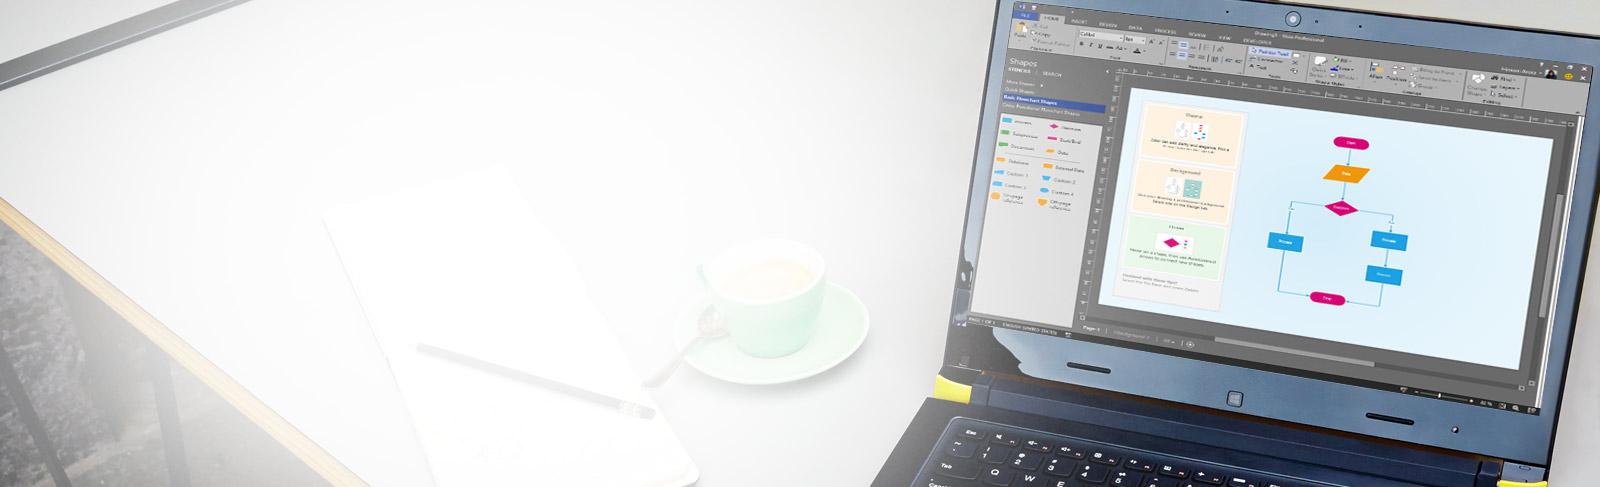 Ảnh chụp cận cảnh một máy tính xách tay trên bàn, cho thấy một sơ đồ Visio với ribbon và ngăn chỉnh sửa.